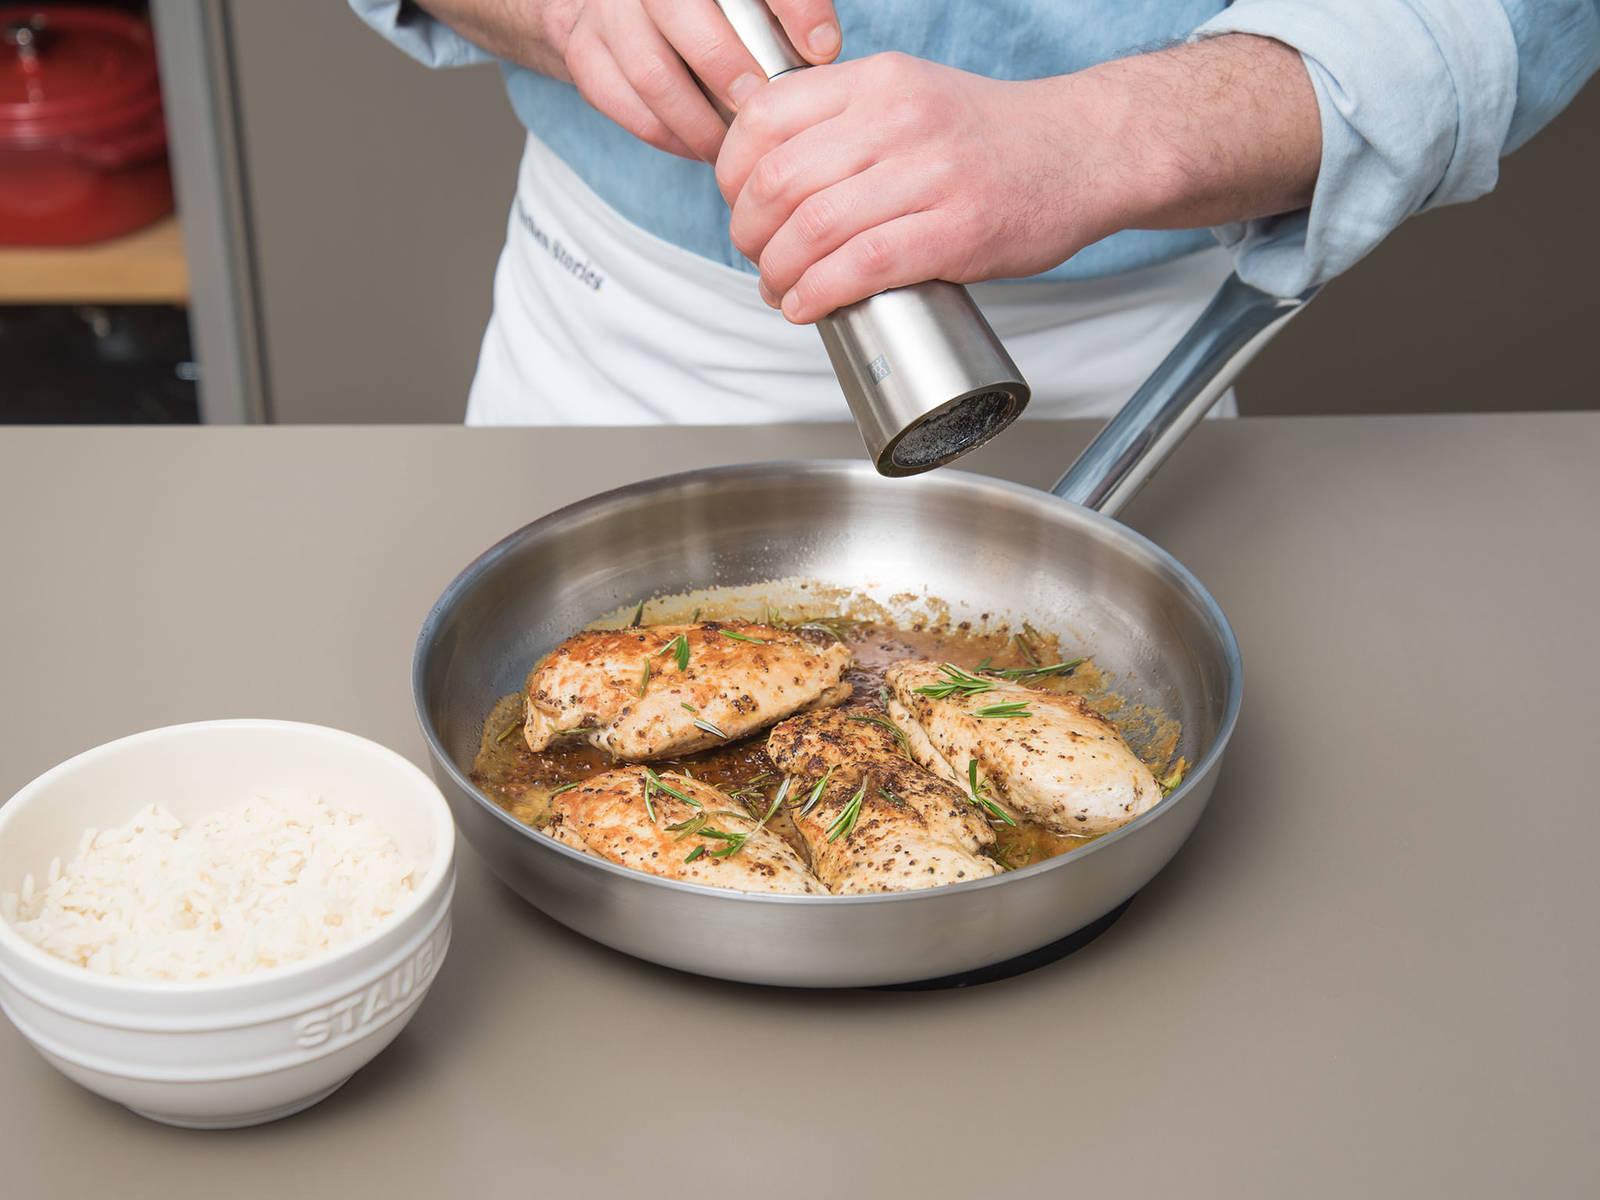 将蜂蜜芥末酱倒入锅中,撒上迷迭香。调小火,鸡肉和酱汁一起煮5-7分钟,搭配米饭享用。